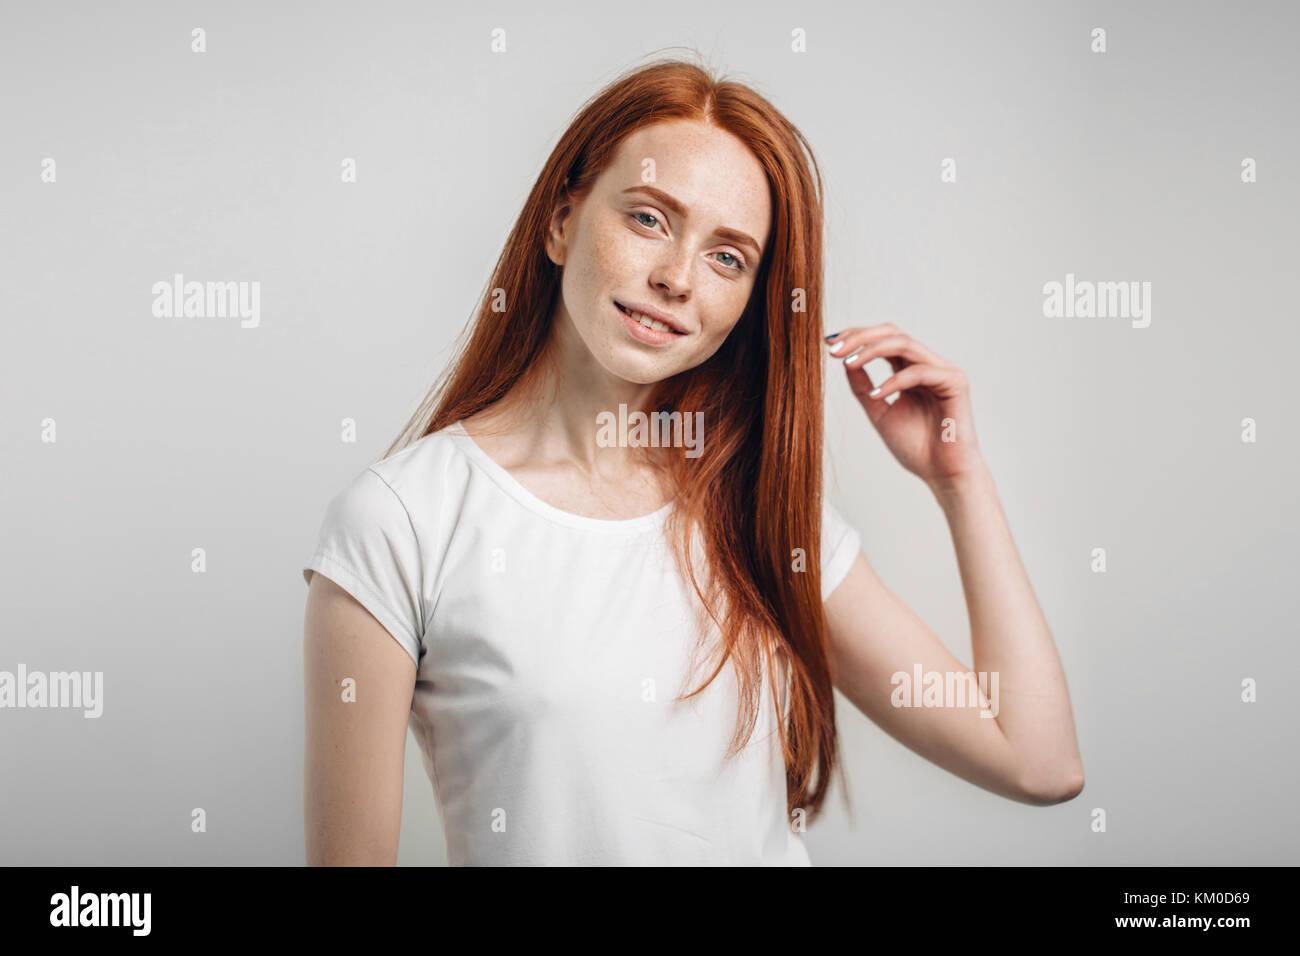 Chica sonriente con los ojos cerrados tocando su pelo rojo sobre fondo blanco. Imagen De Stock